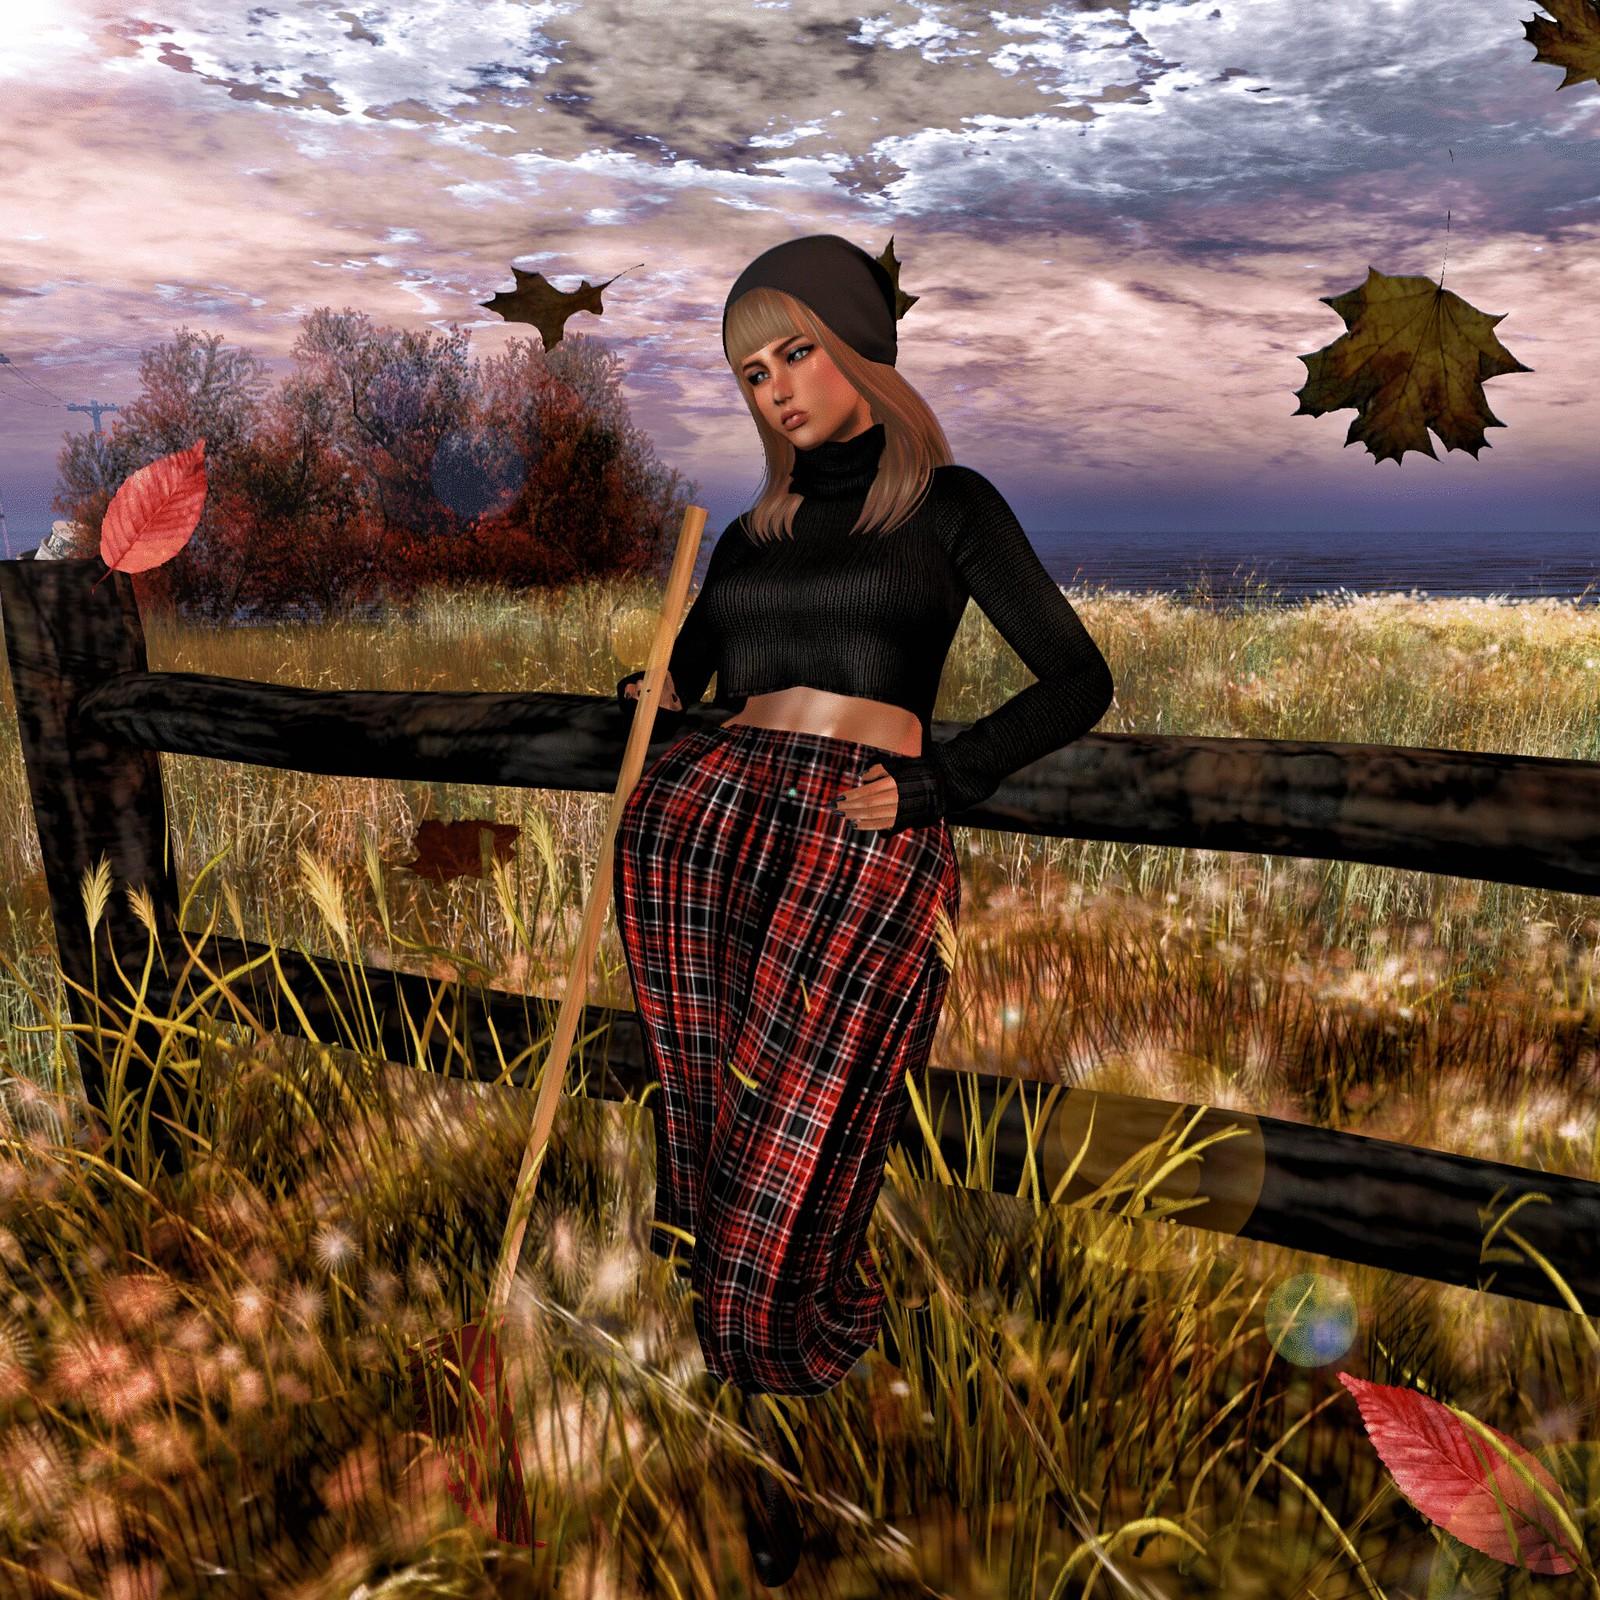 Airly Autumn